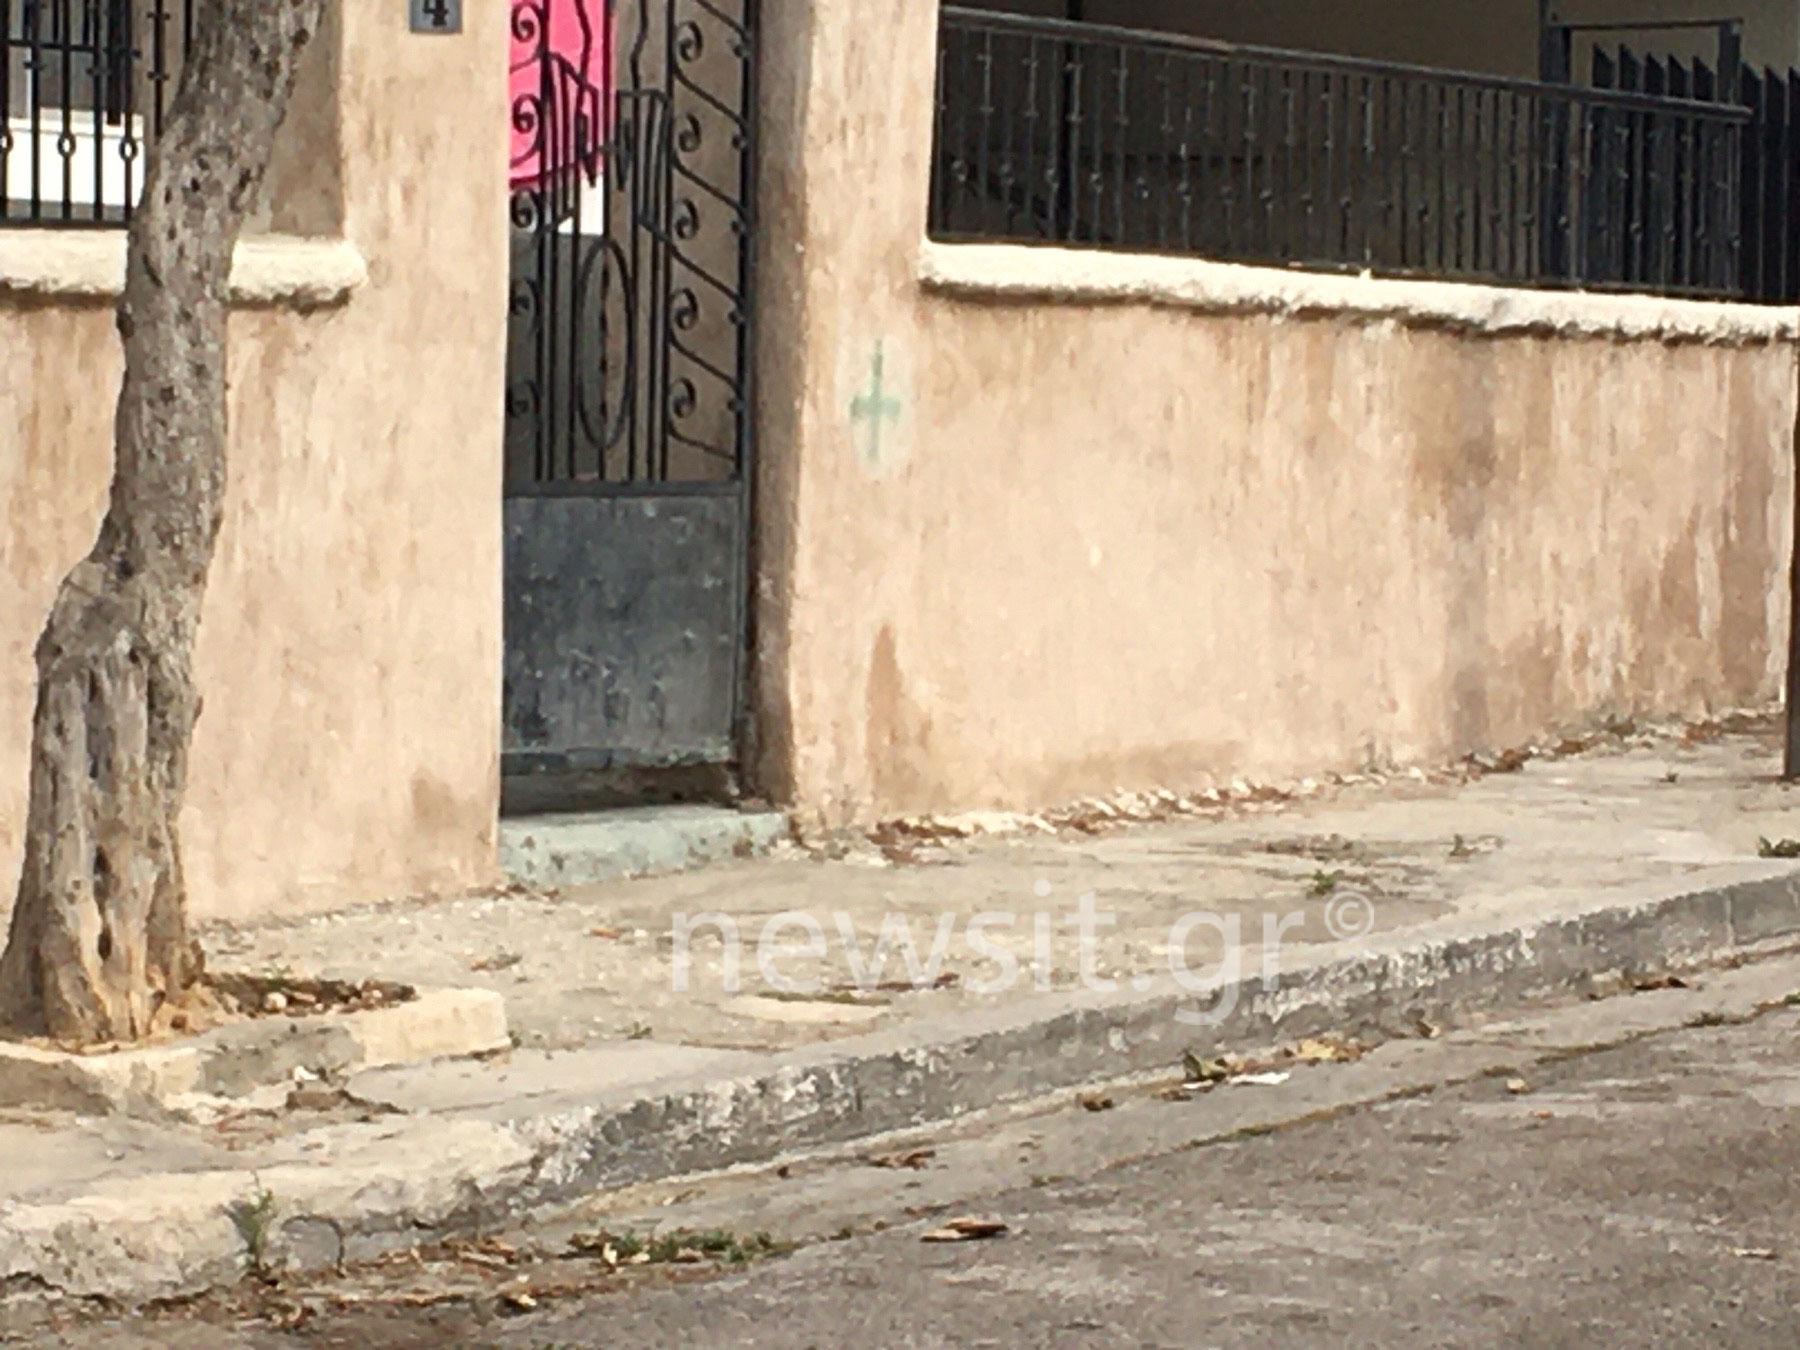 Δολοφονία στην Αγία Βαρβάρα: Αρνείται πως κακοποιούσε την εν διαστάσει σύζυγο – Στον εισαγγελέα σήμερα ο 74χρονος